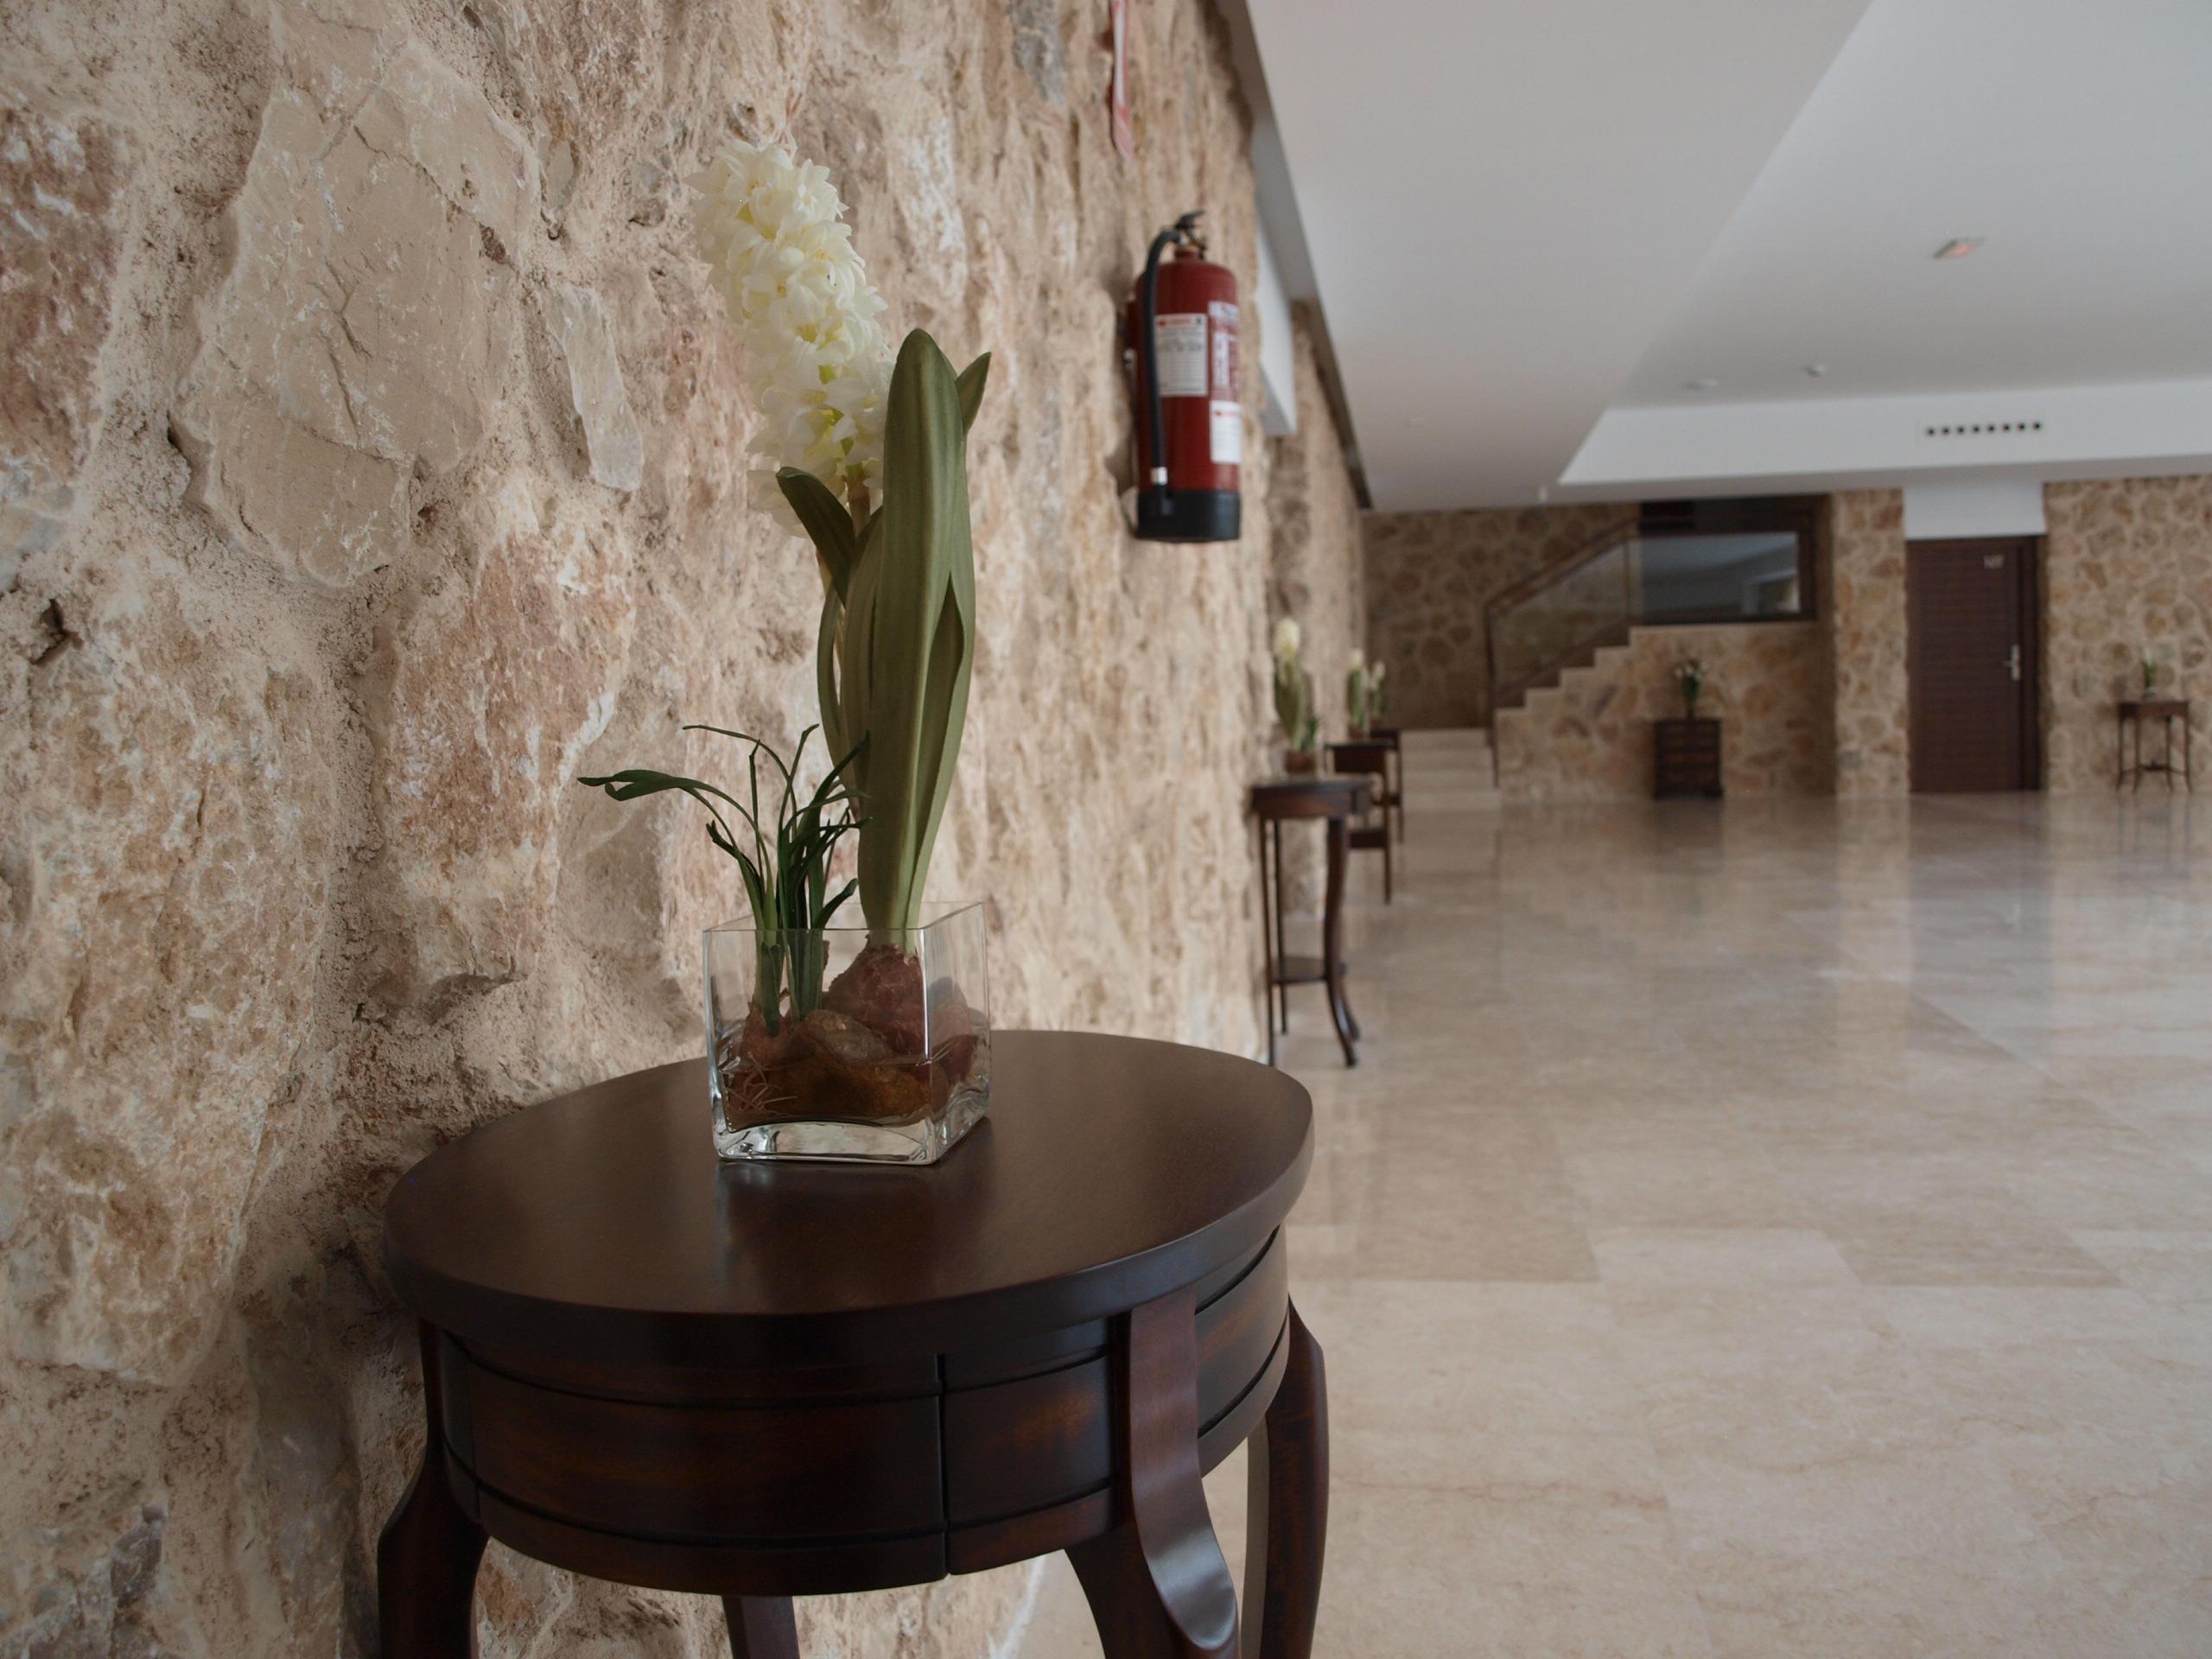 Hotel spa Infante don Juan Manuel Belmonte Cuenca ruartecontract palacios lujo 3